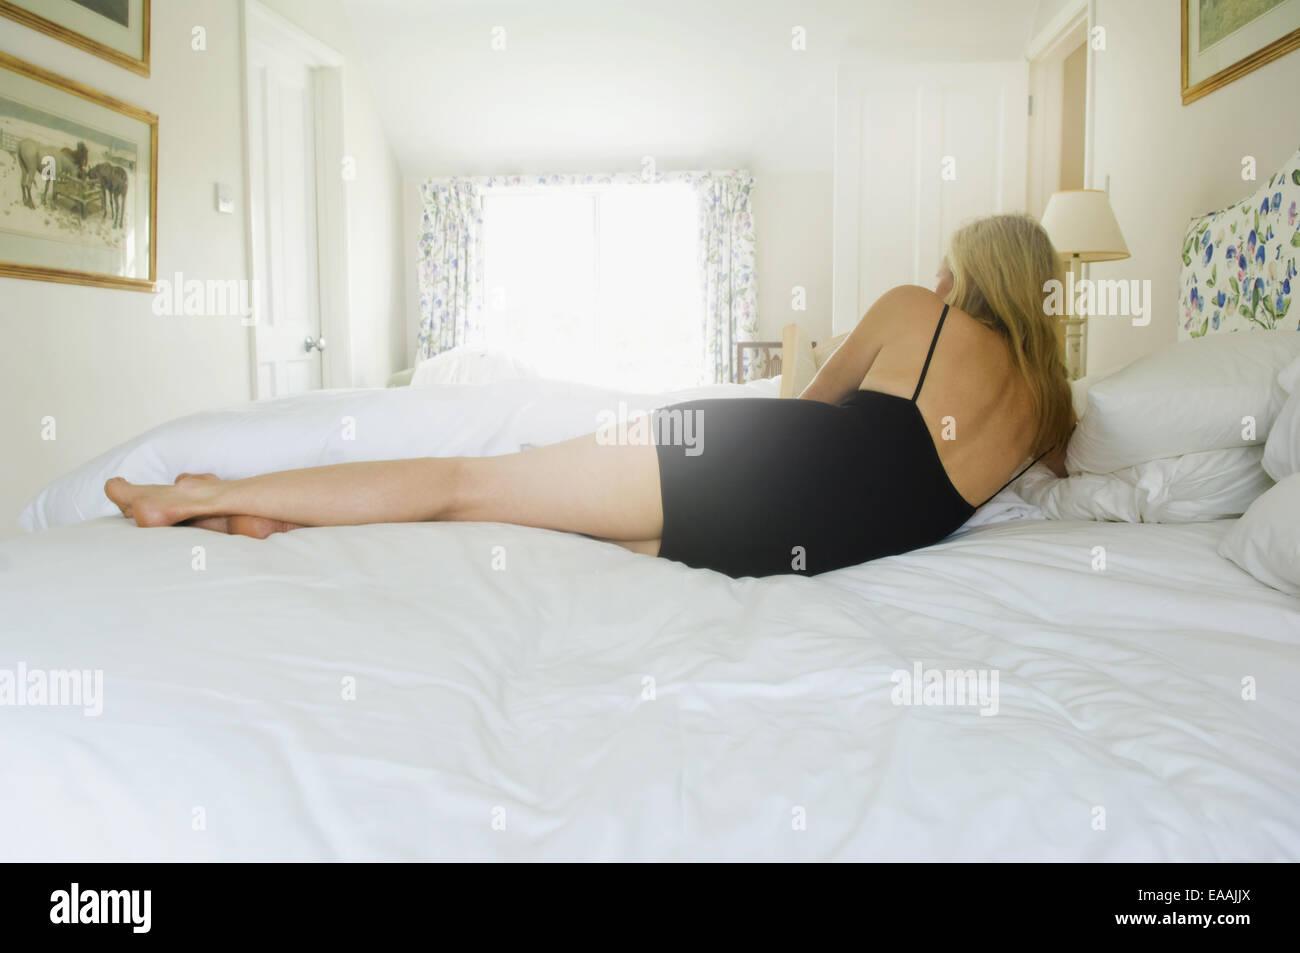 Un rubio mujer acostada de lado en una cama. Imagen De Stock